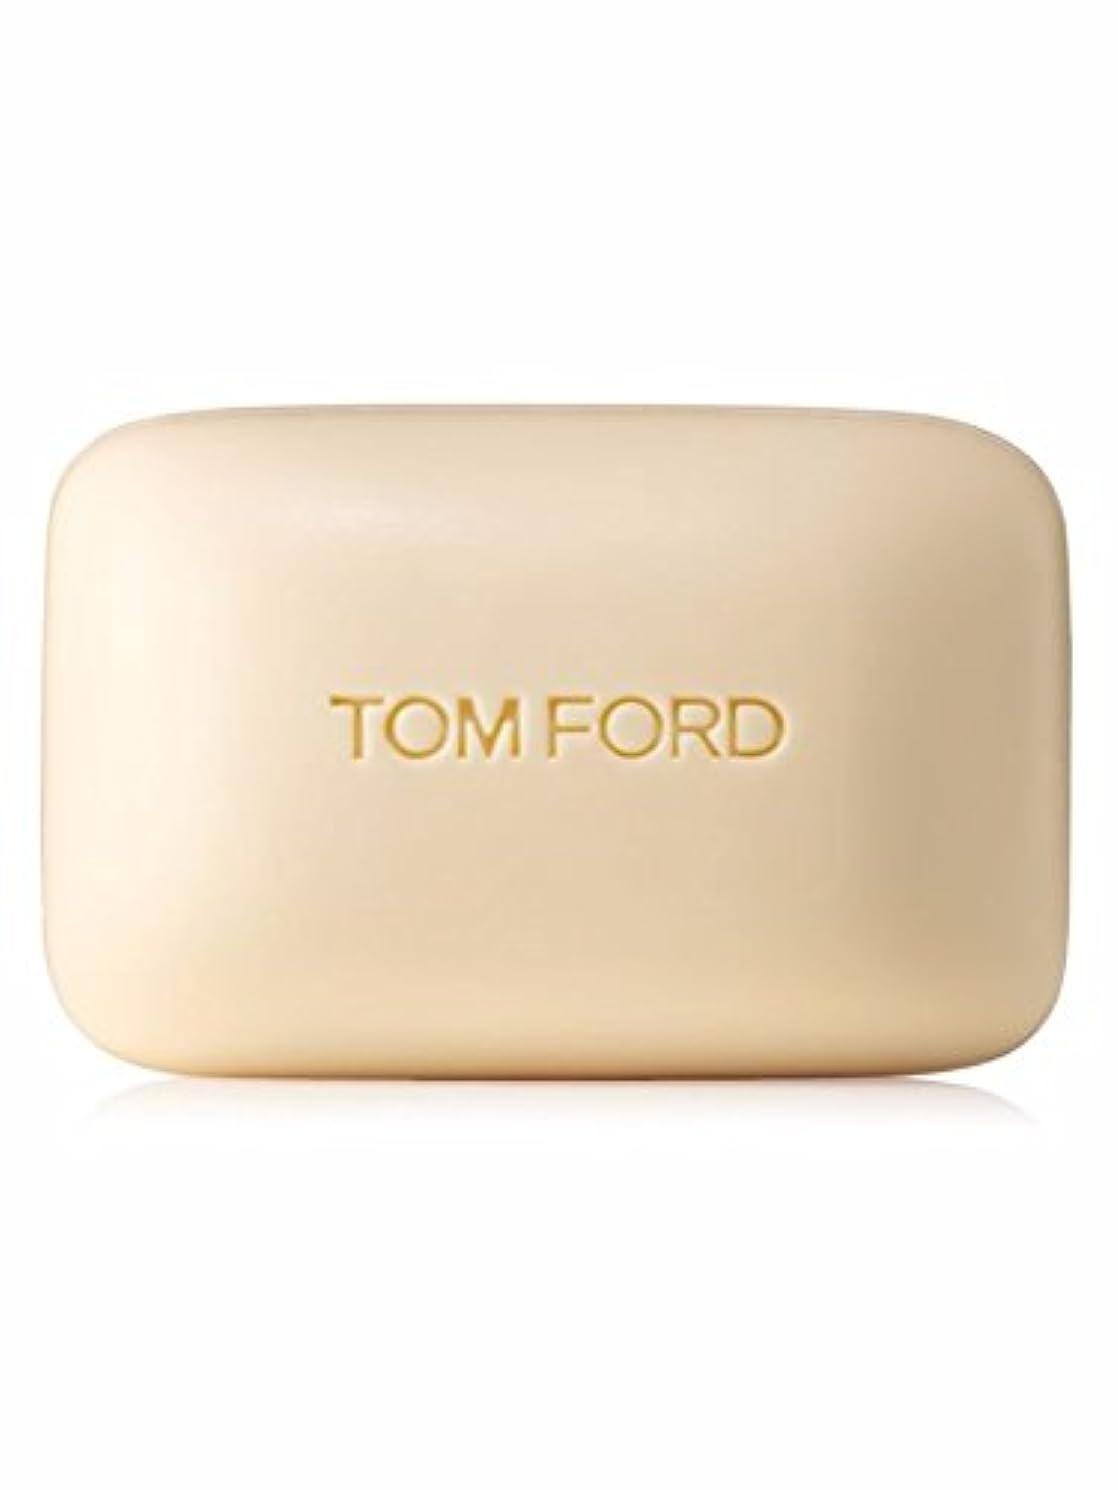 進む水平スリットTom Ford Private Blend 'Neroli Portofino' (トムフォード プライベートブレンド ネロリポートフィーノ) 5.5 oz (165ml) Bar Soap (固形石鹸)